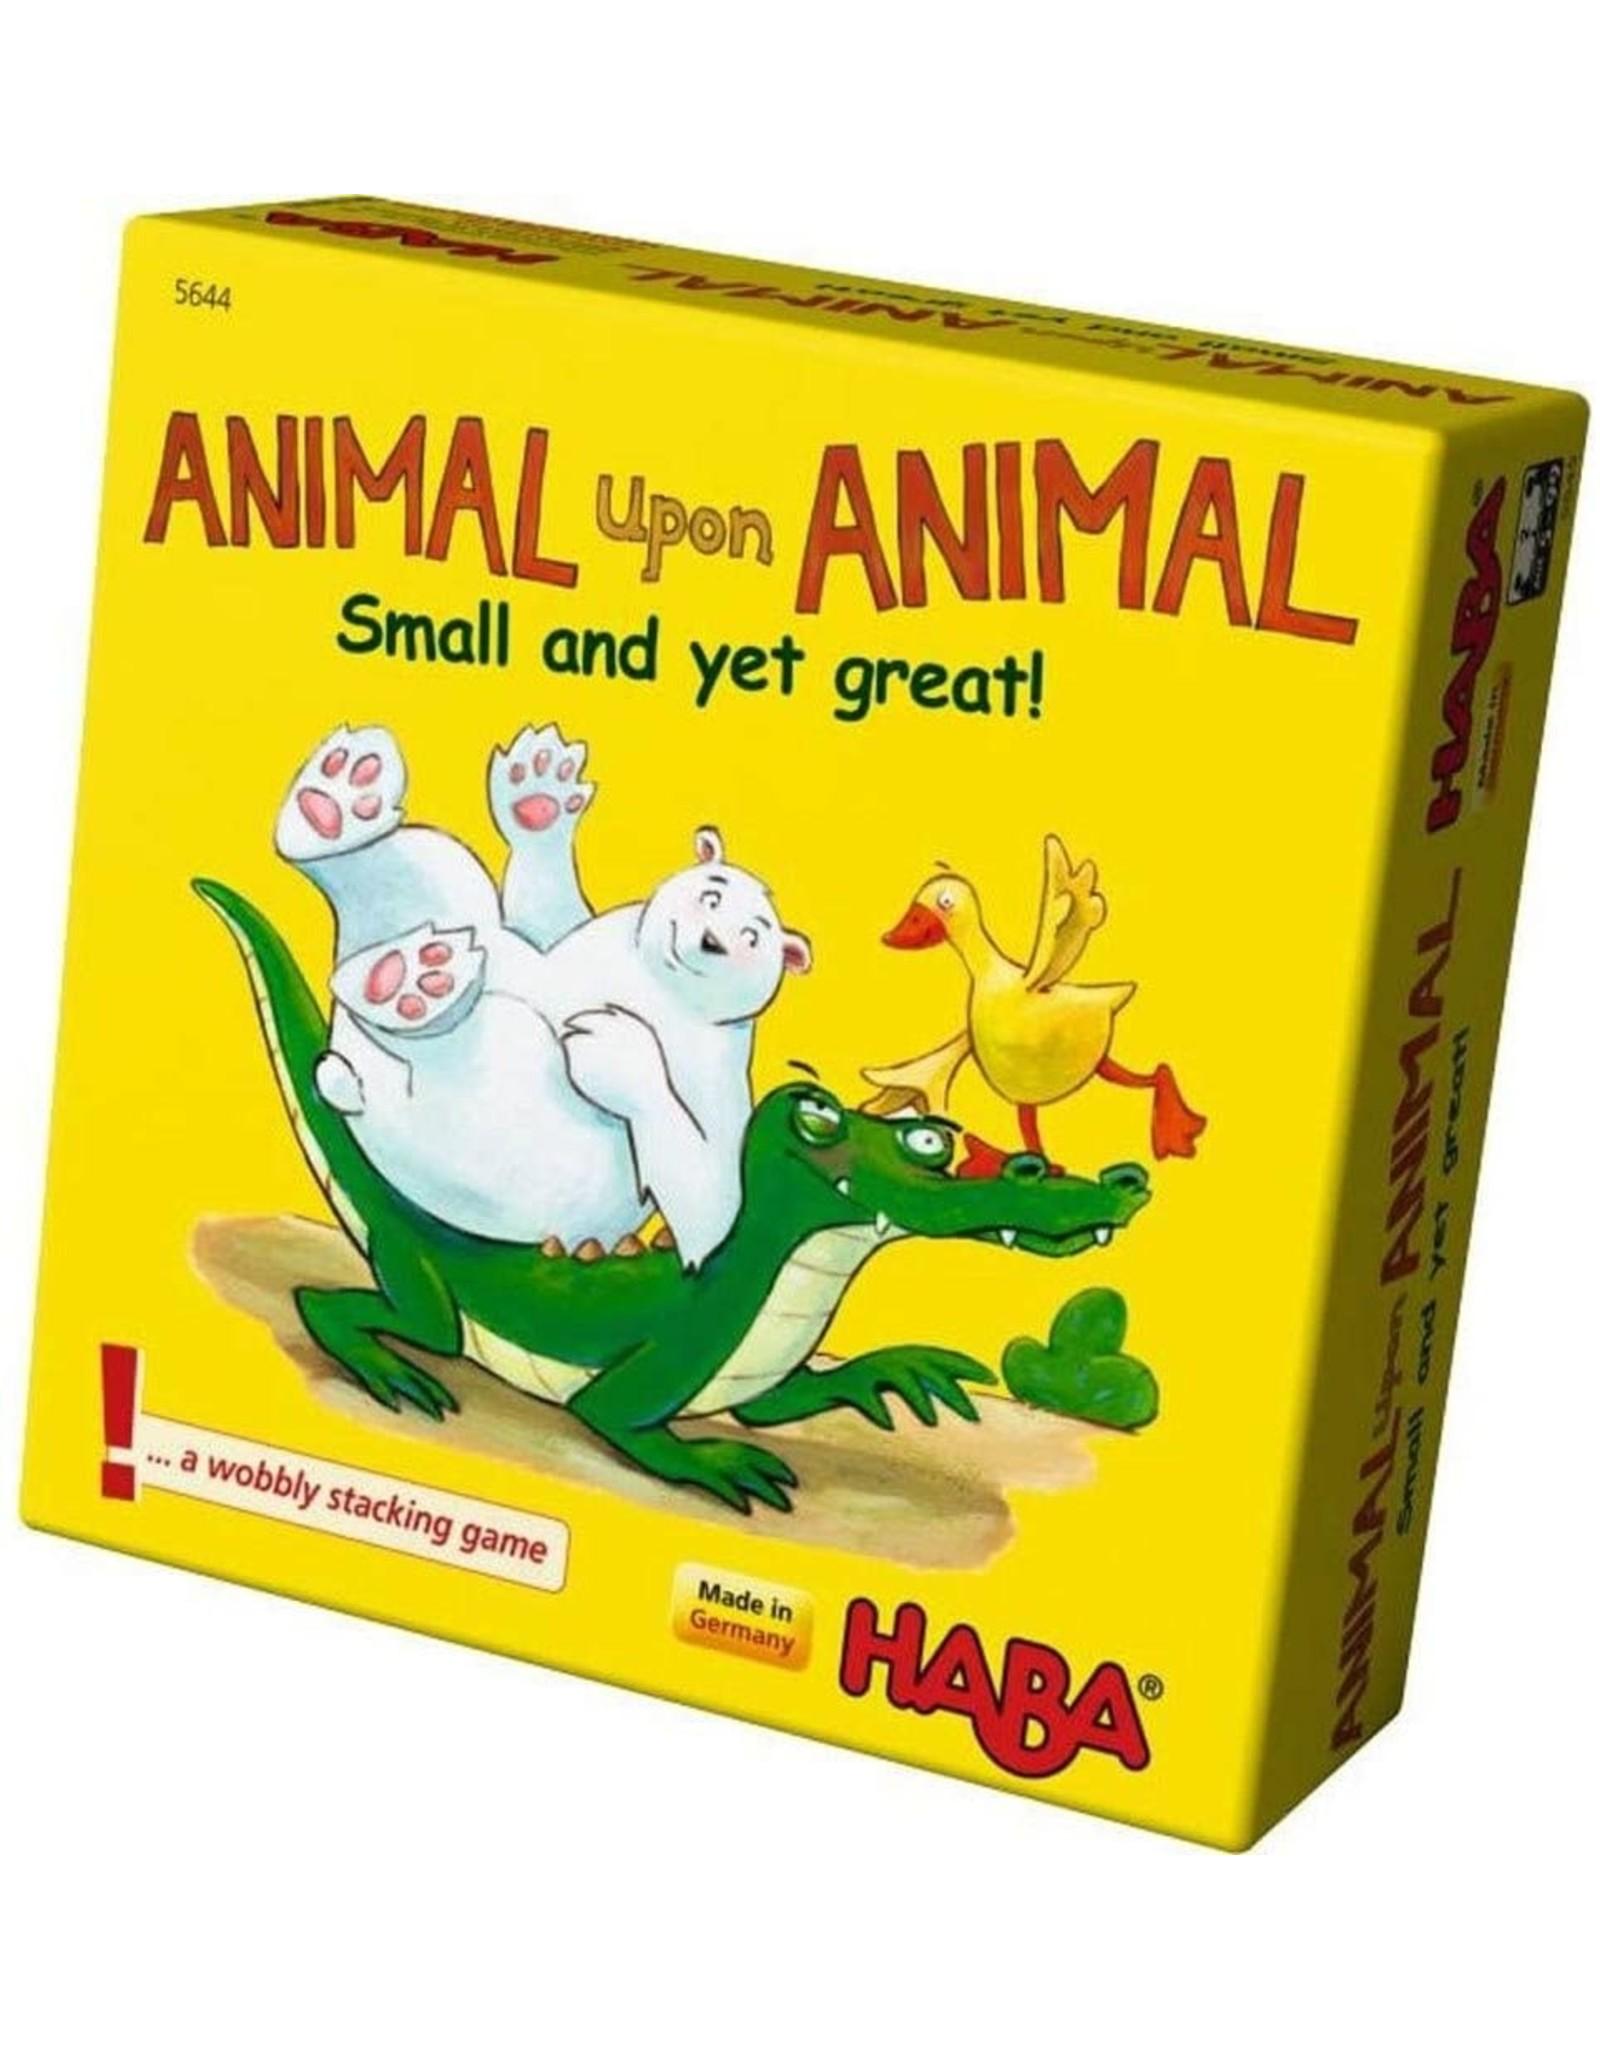 HABA GAMES ANIMAL UPON ANIMAL SMALL BUT GREAT